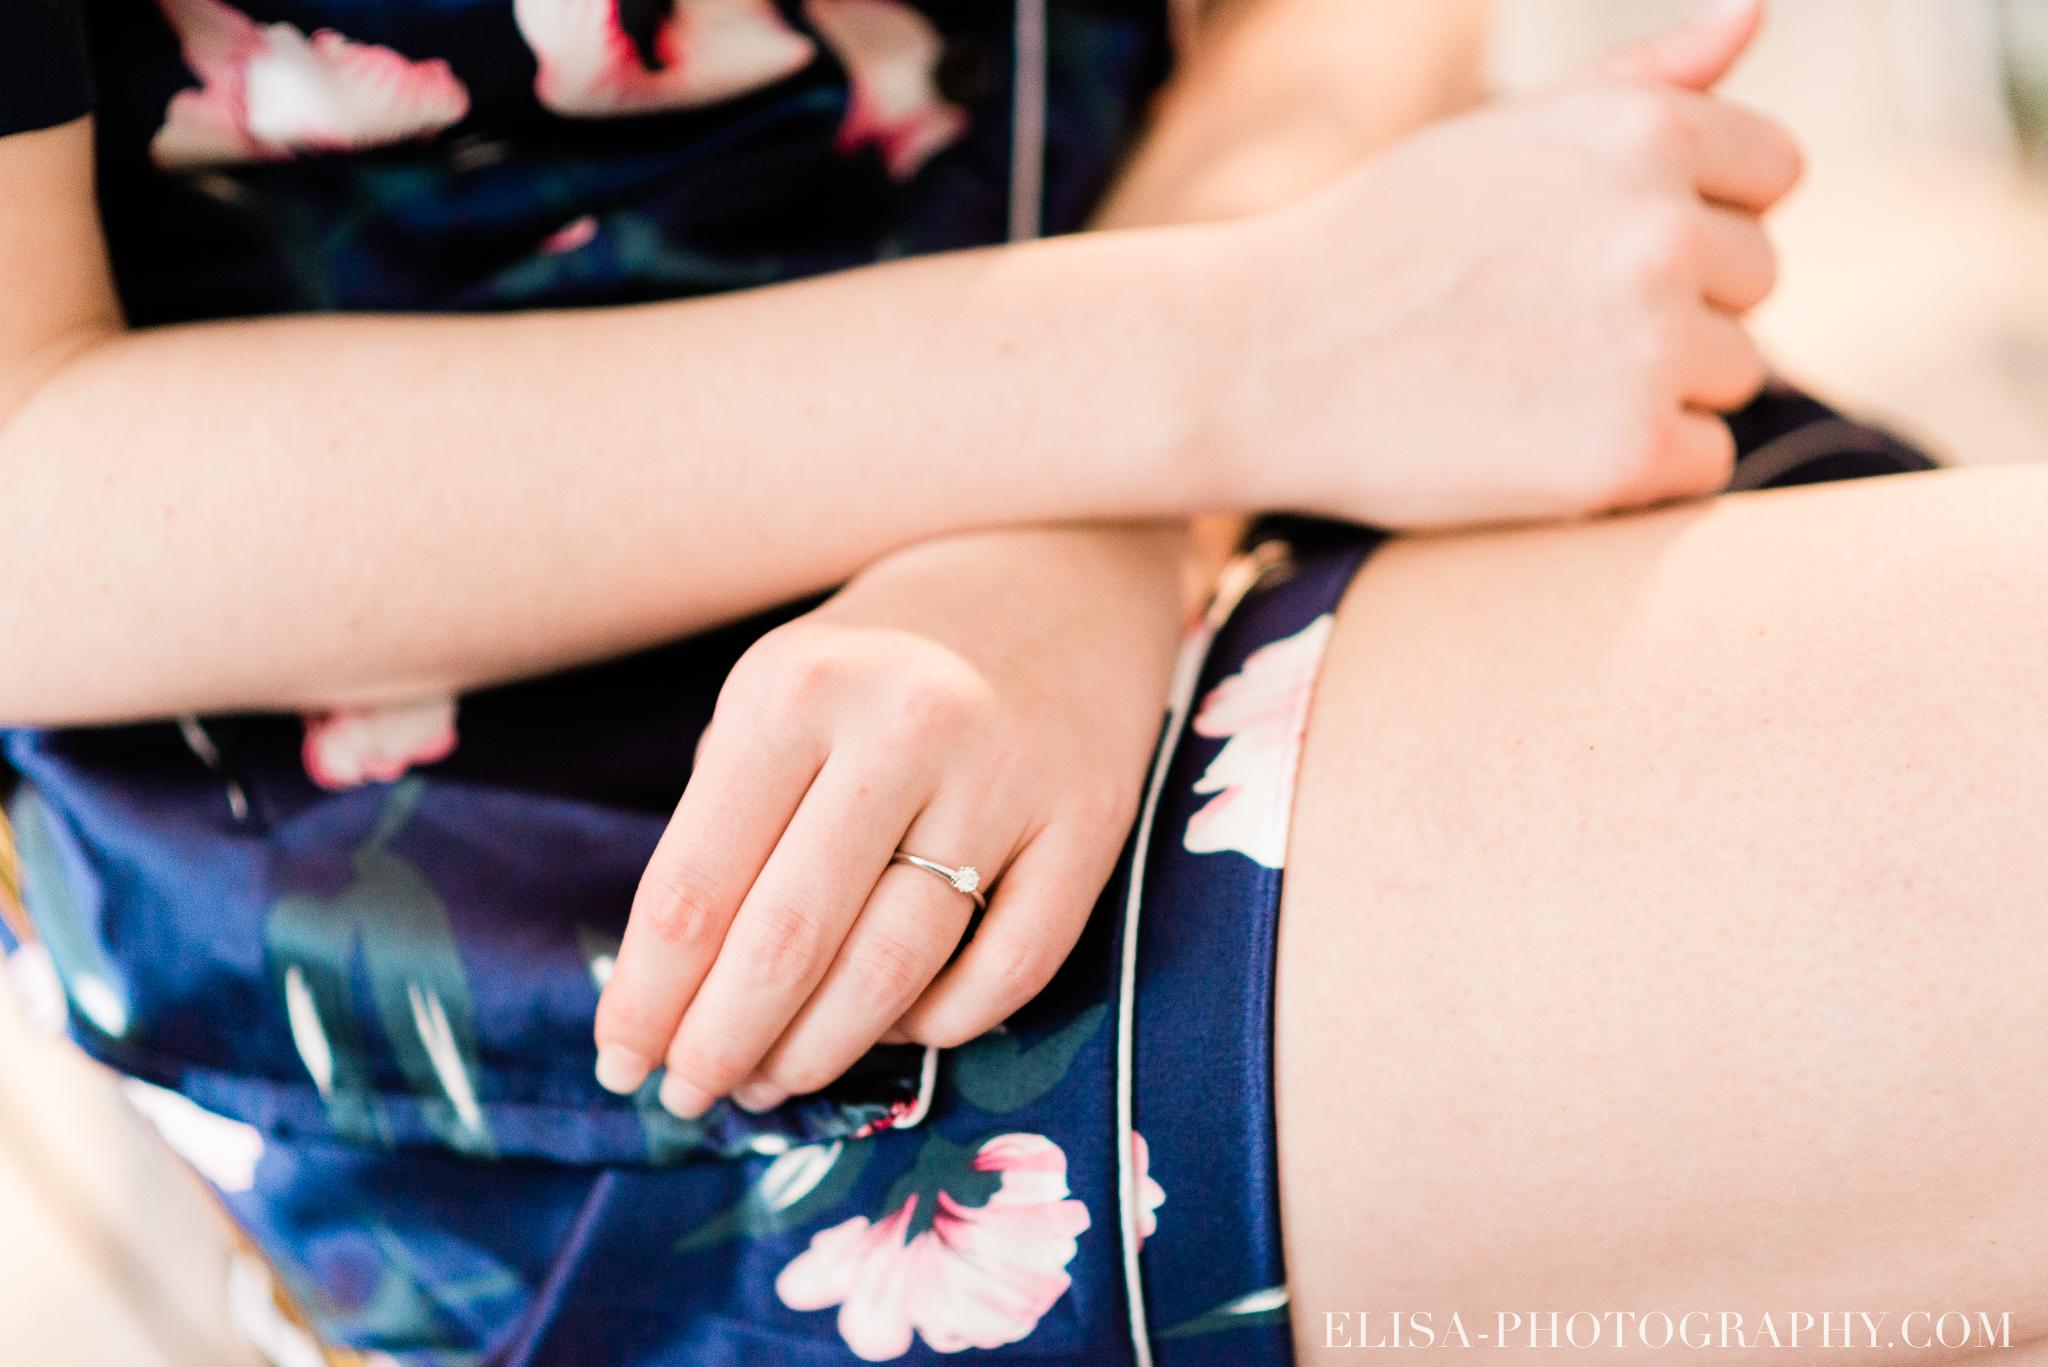 photo mariage quebec auberge saint antoine elisa photographe preparatifs de la mariee coiffure maquillage 1597 - Mariage élégant et discret au coeur du magnifique Domaine Cataraqui, Québec